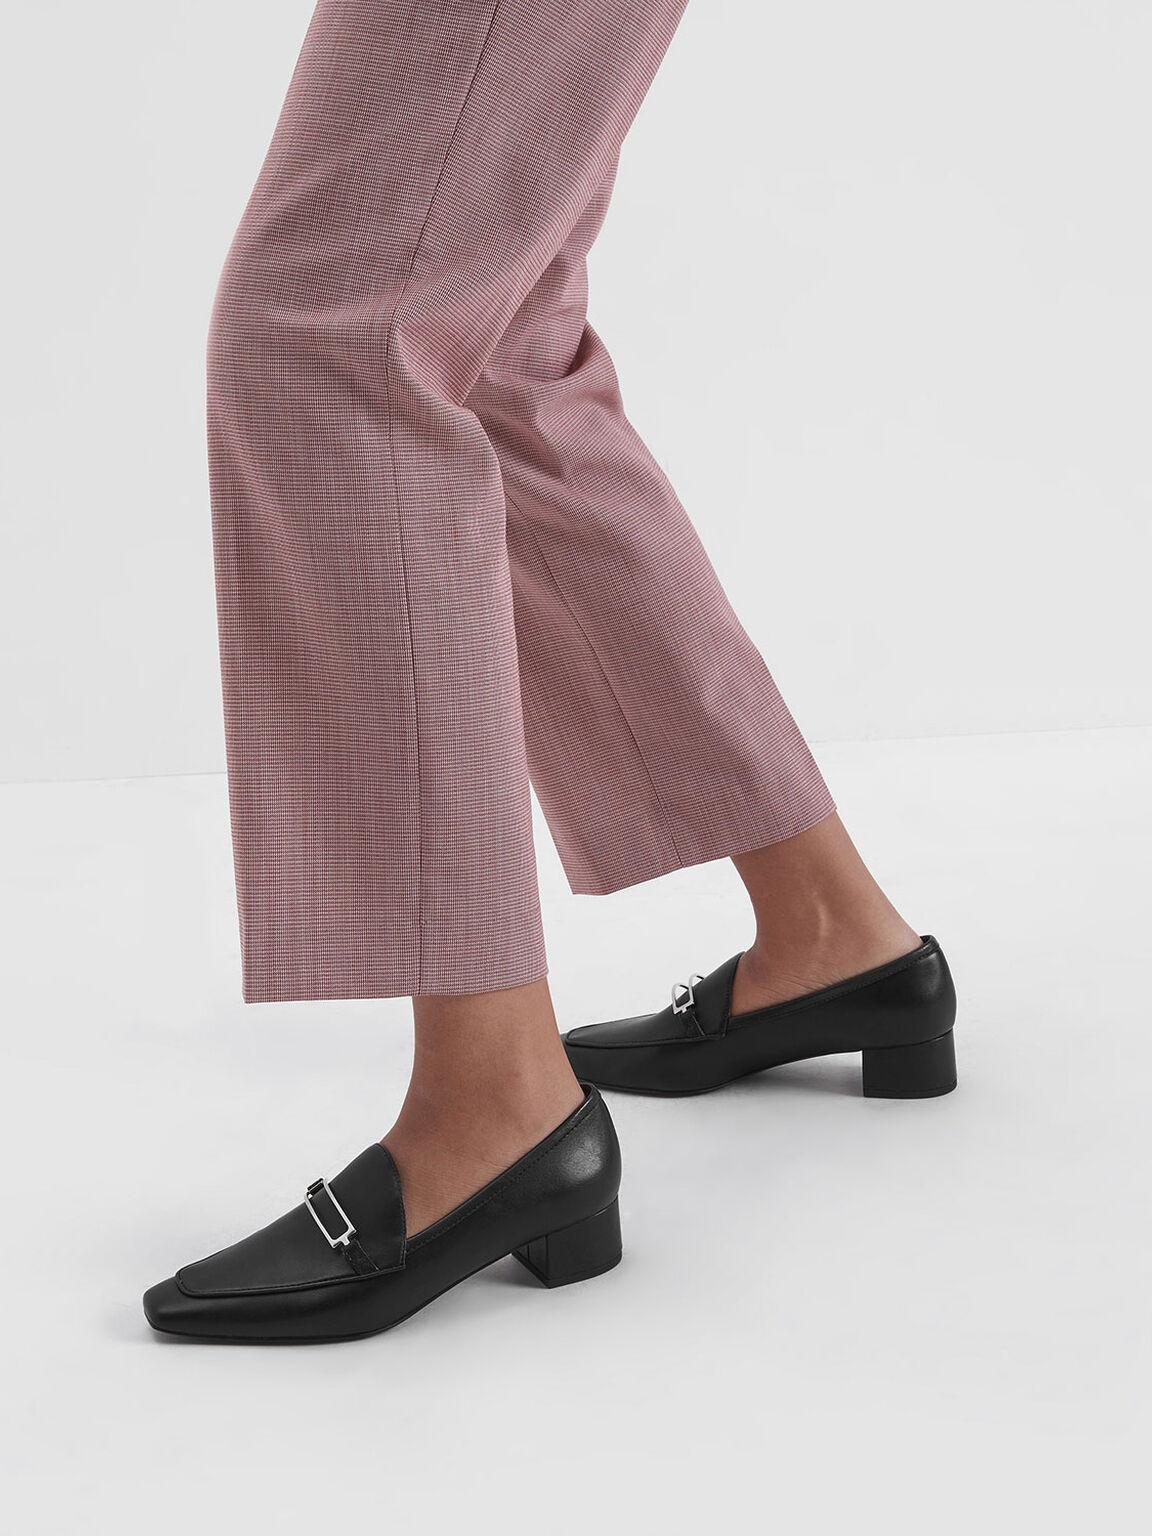 Metal Accent Block Heel Loafers, Black, hi-res